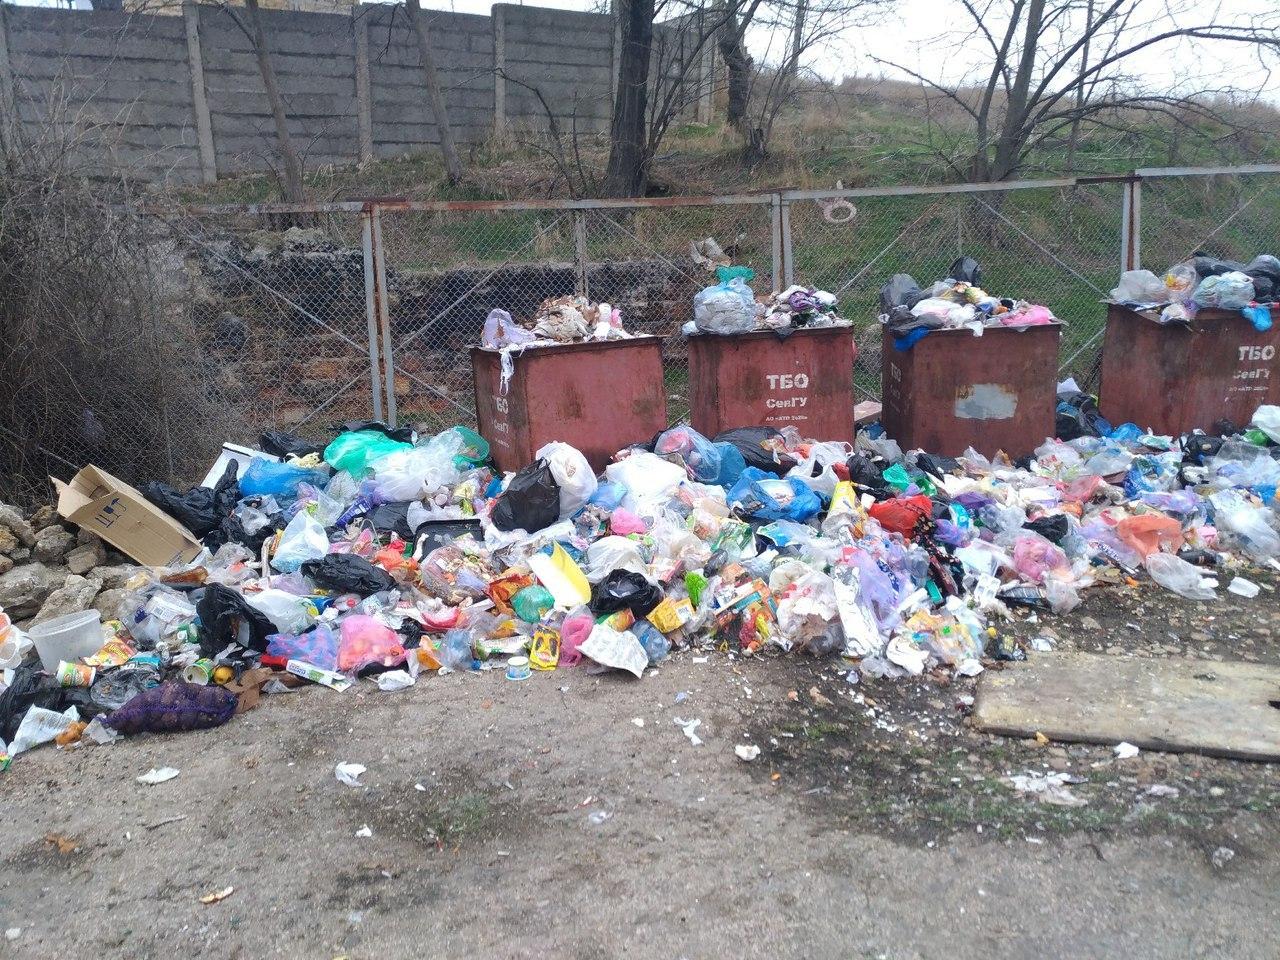 Севастопольцы смогут пожаловаться на незаконные мусорные свалки